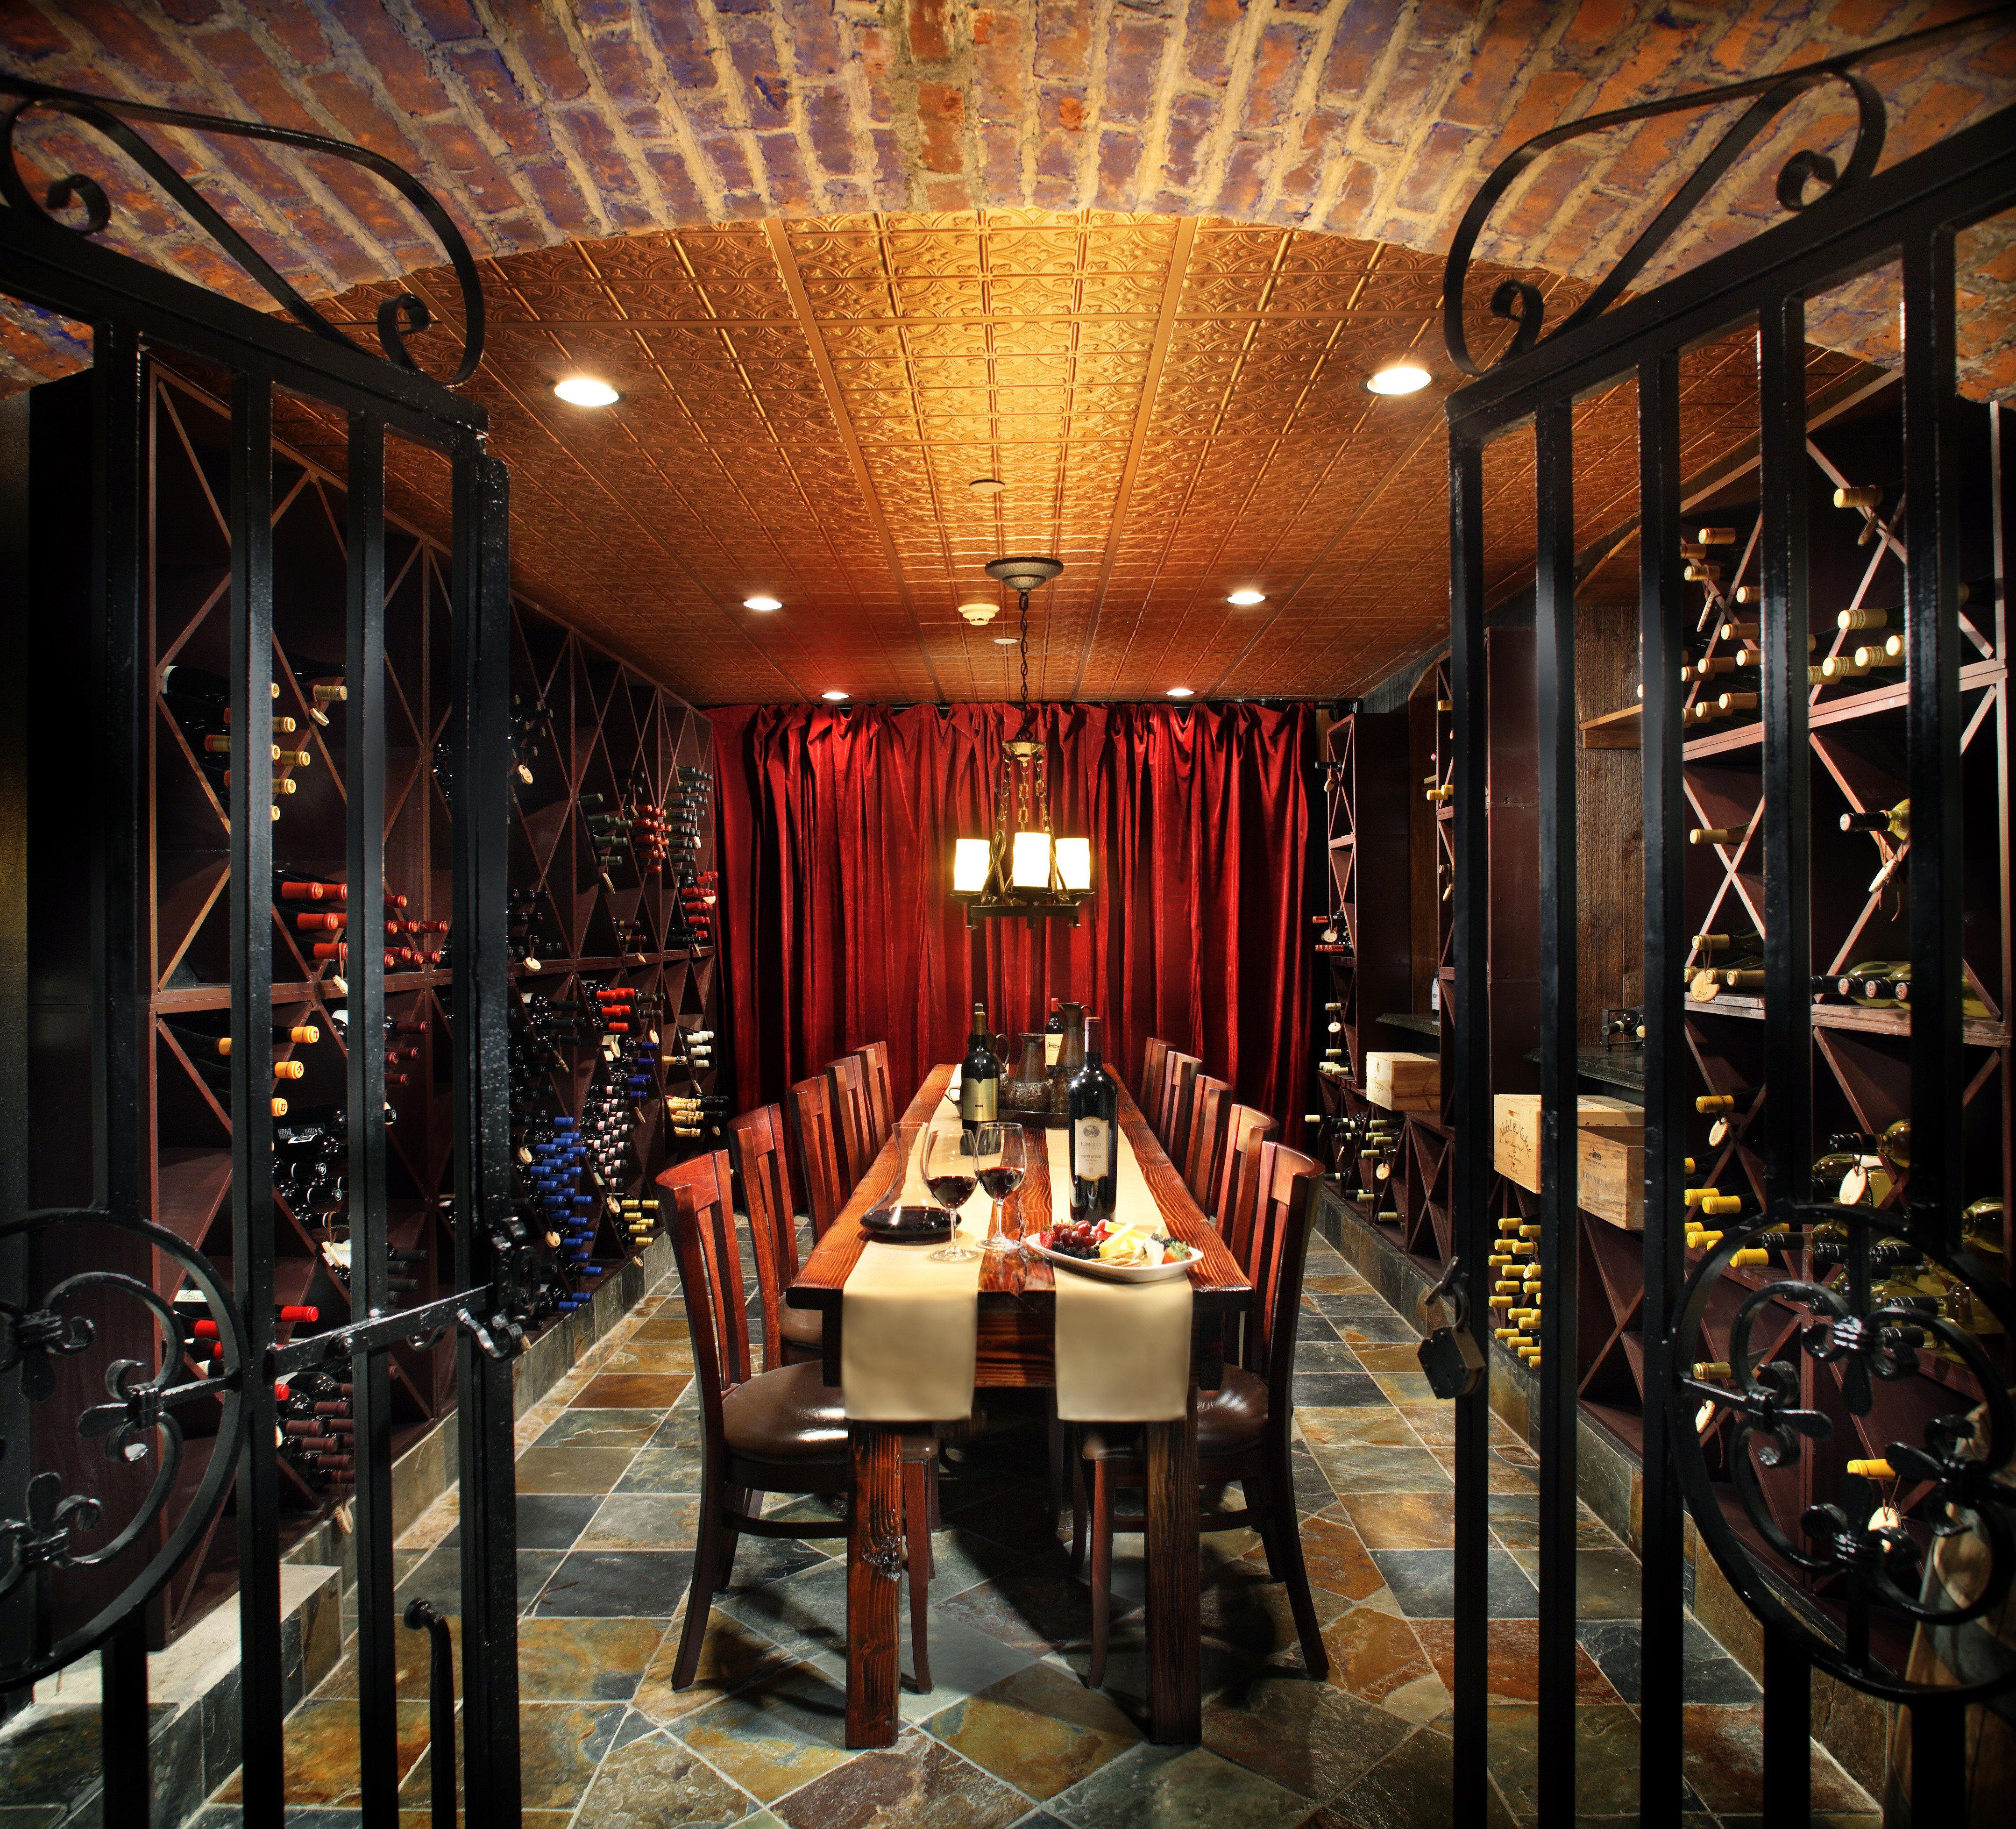 Dining Drink Eat Elegant Historic function hall restaurant Bar ballroom dining table